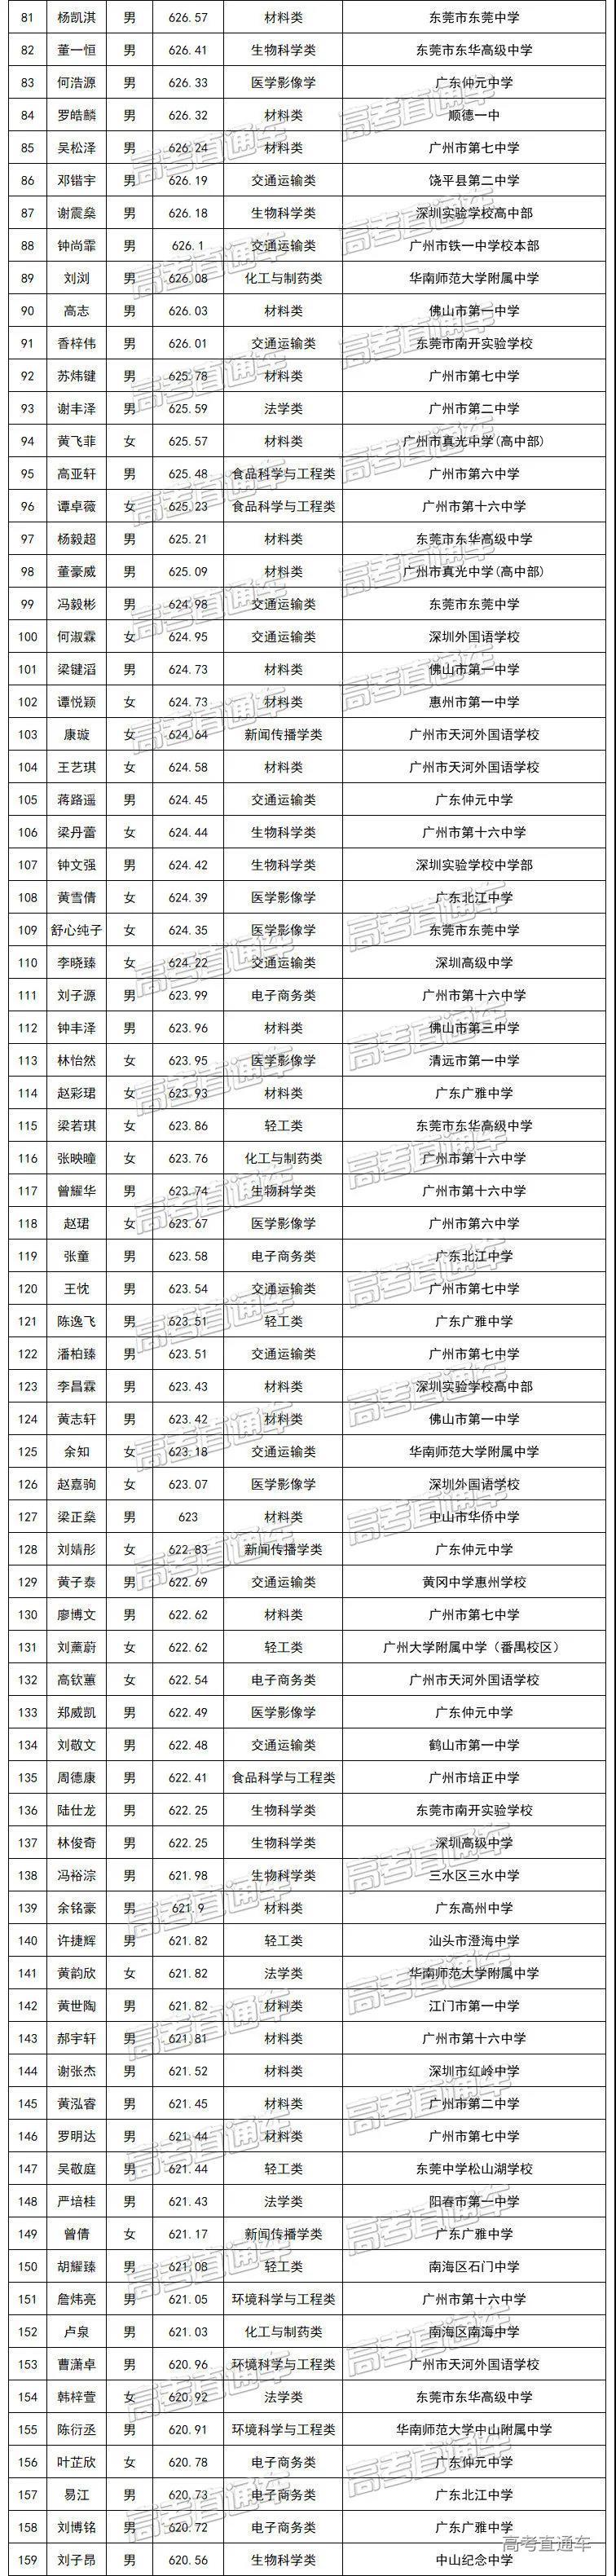 华南理工大学2020年综合评价广东省录取考生名单2